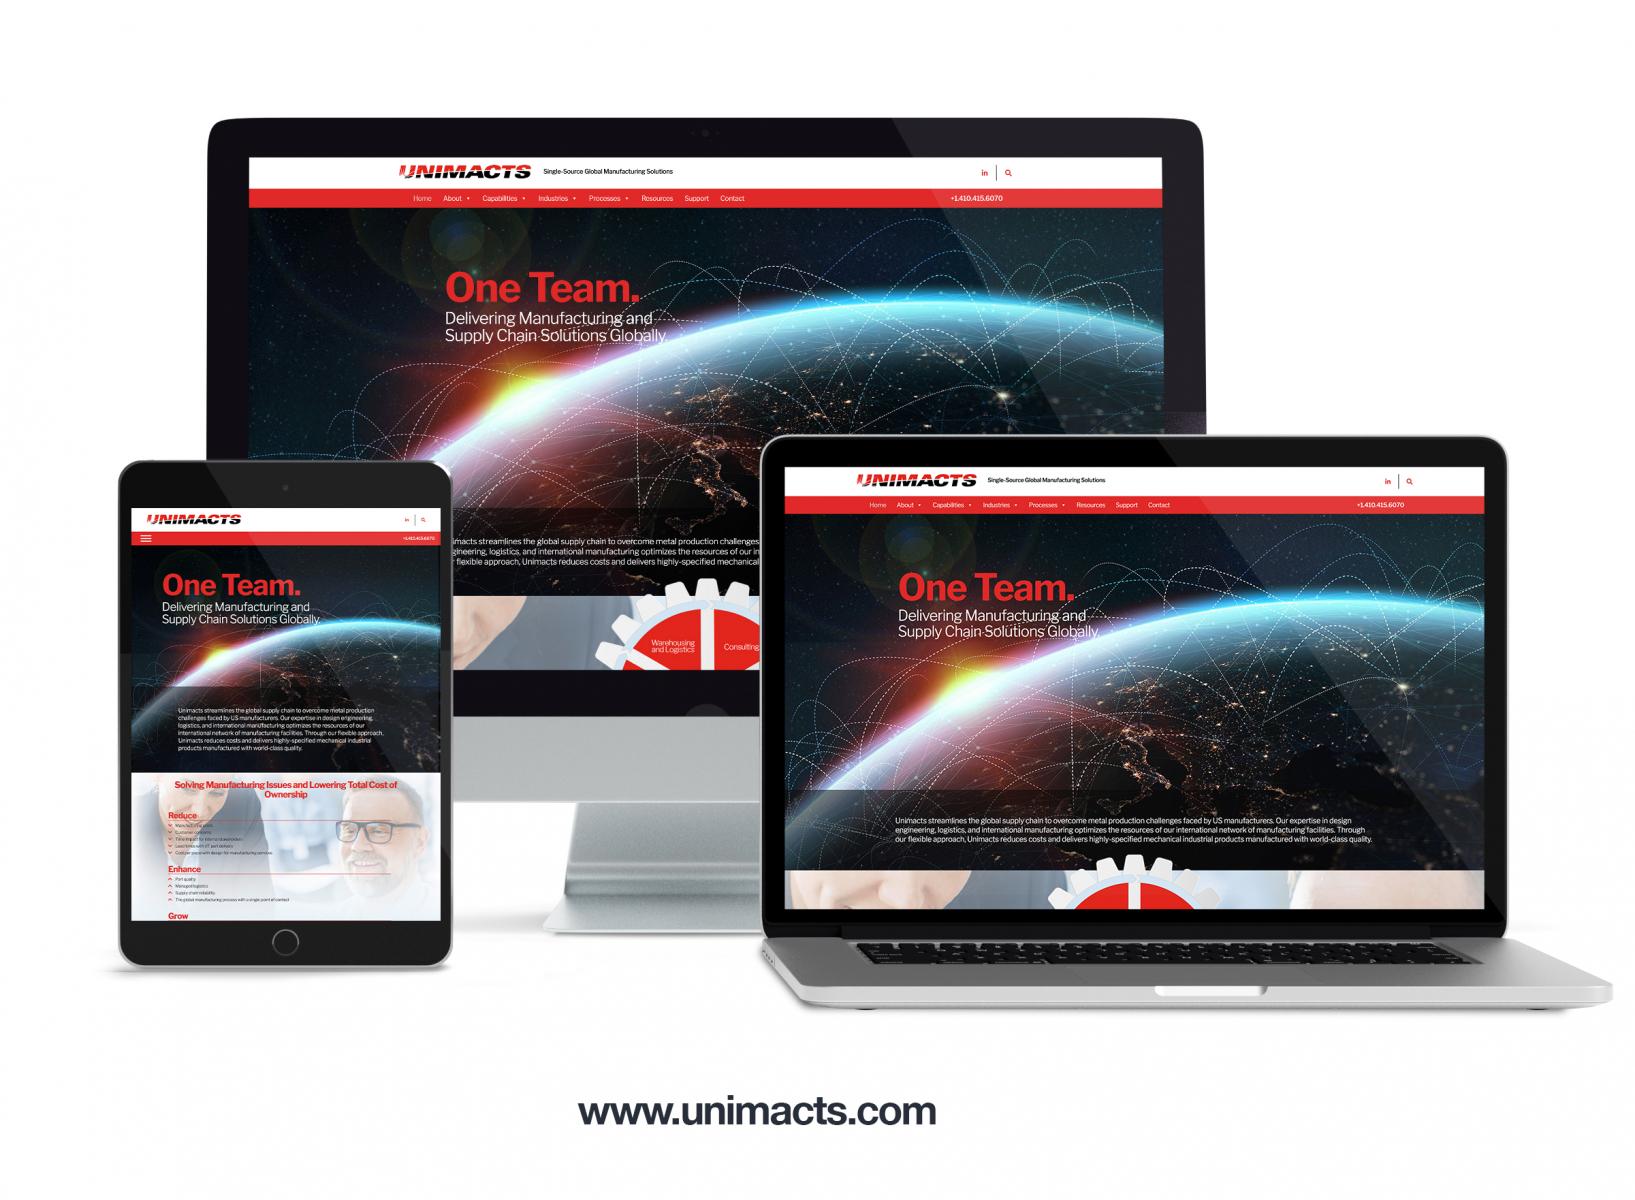 unimacts-web-responsive